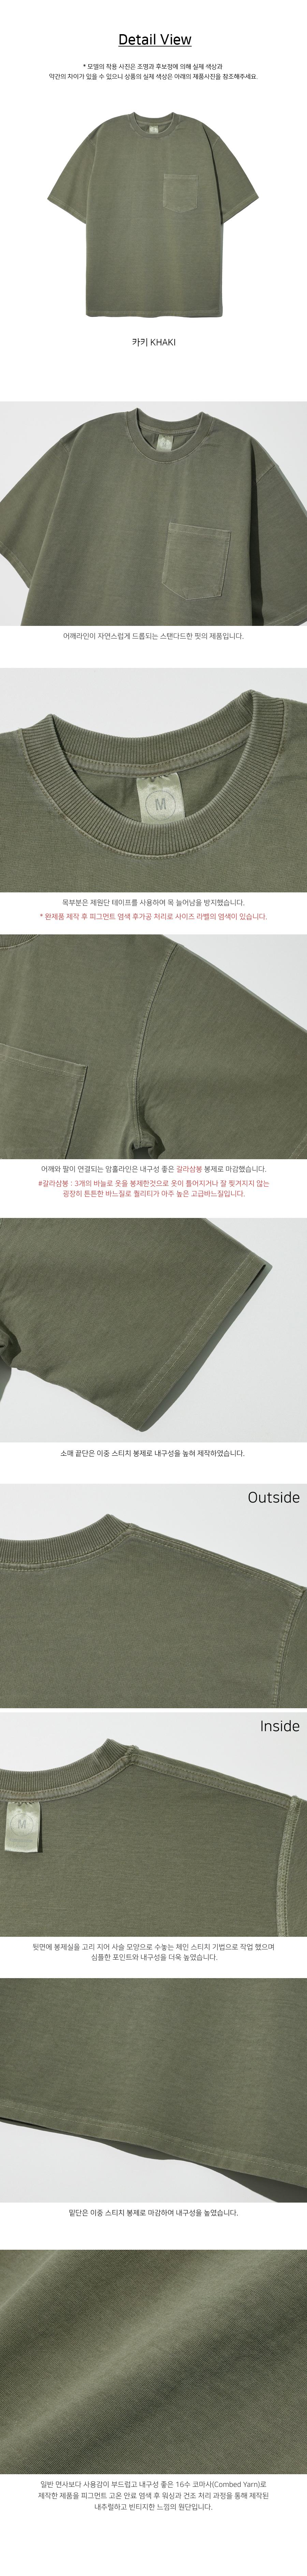 YHST2285_detail_khaki_yh.jpg